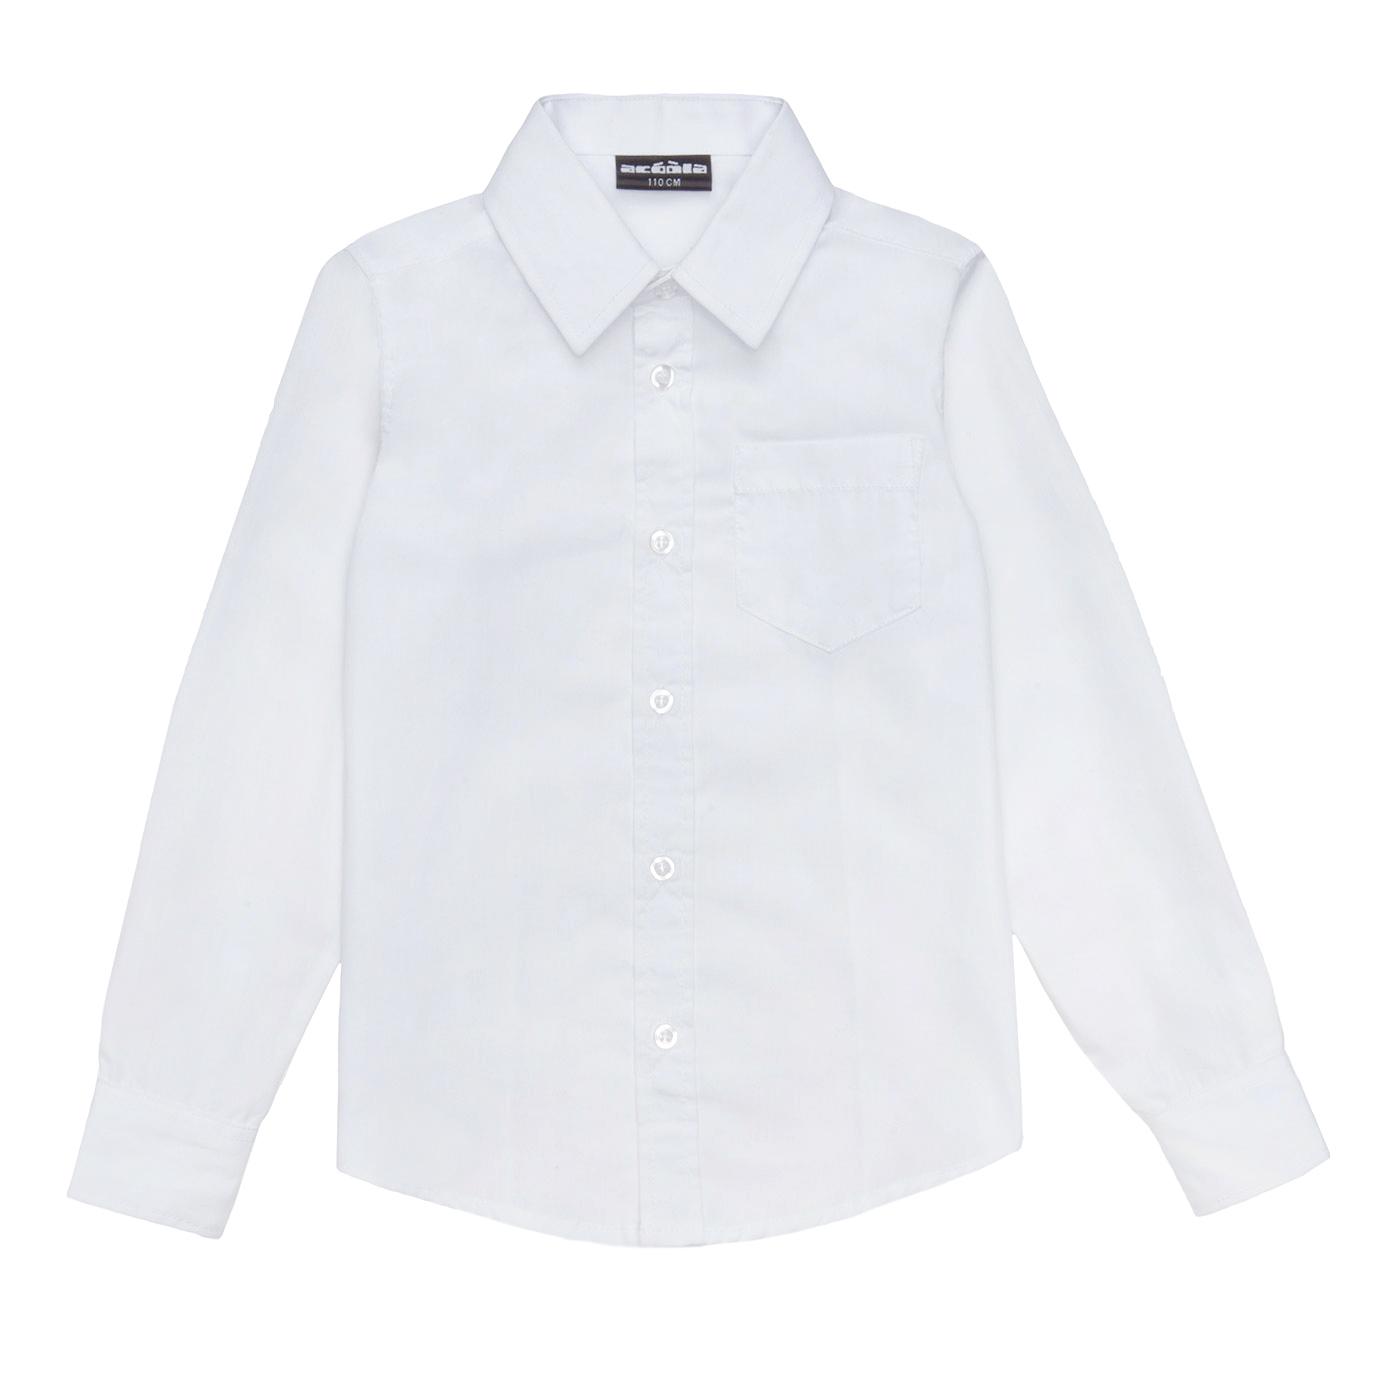 Блузки Белые Детские Для Девочек С Доставкой